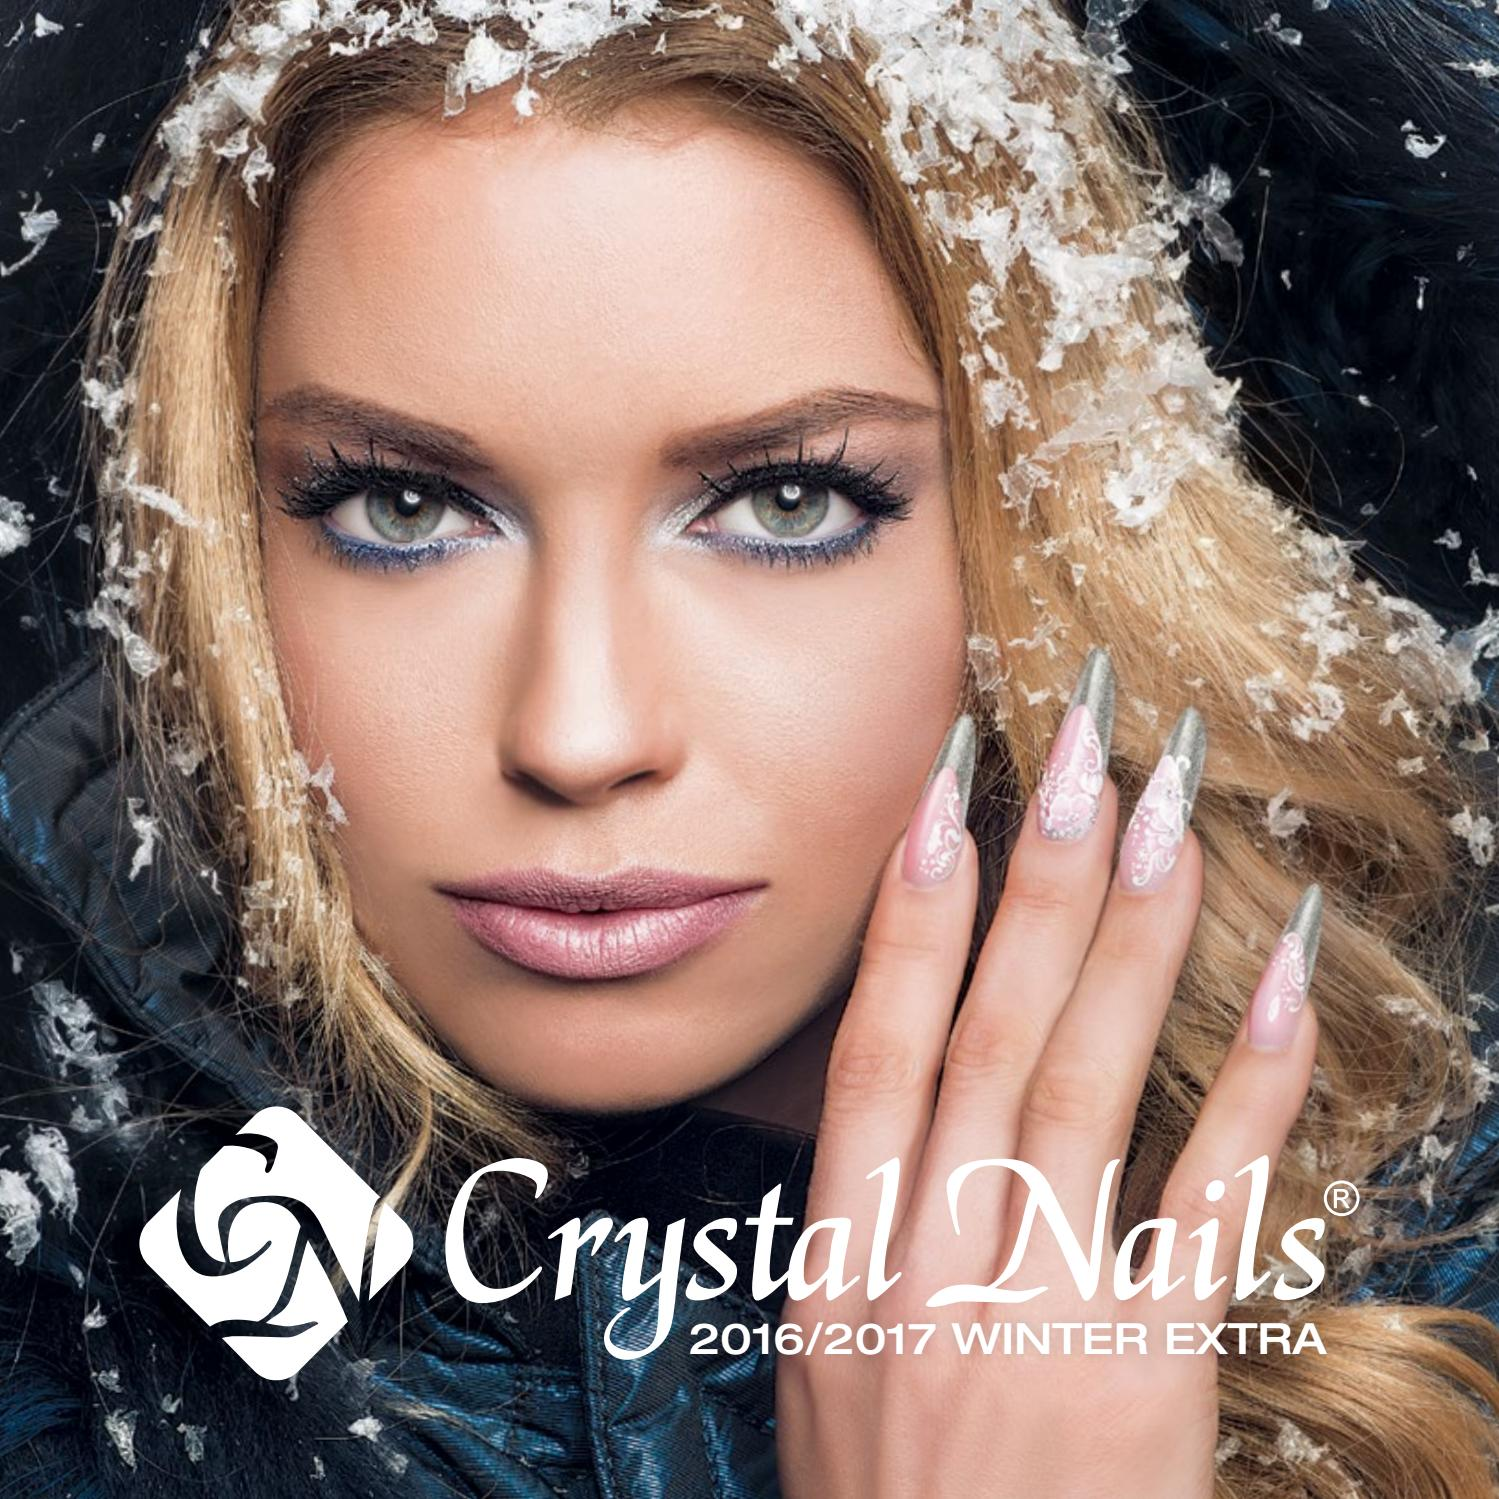 Sabloane crystal nails